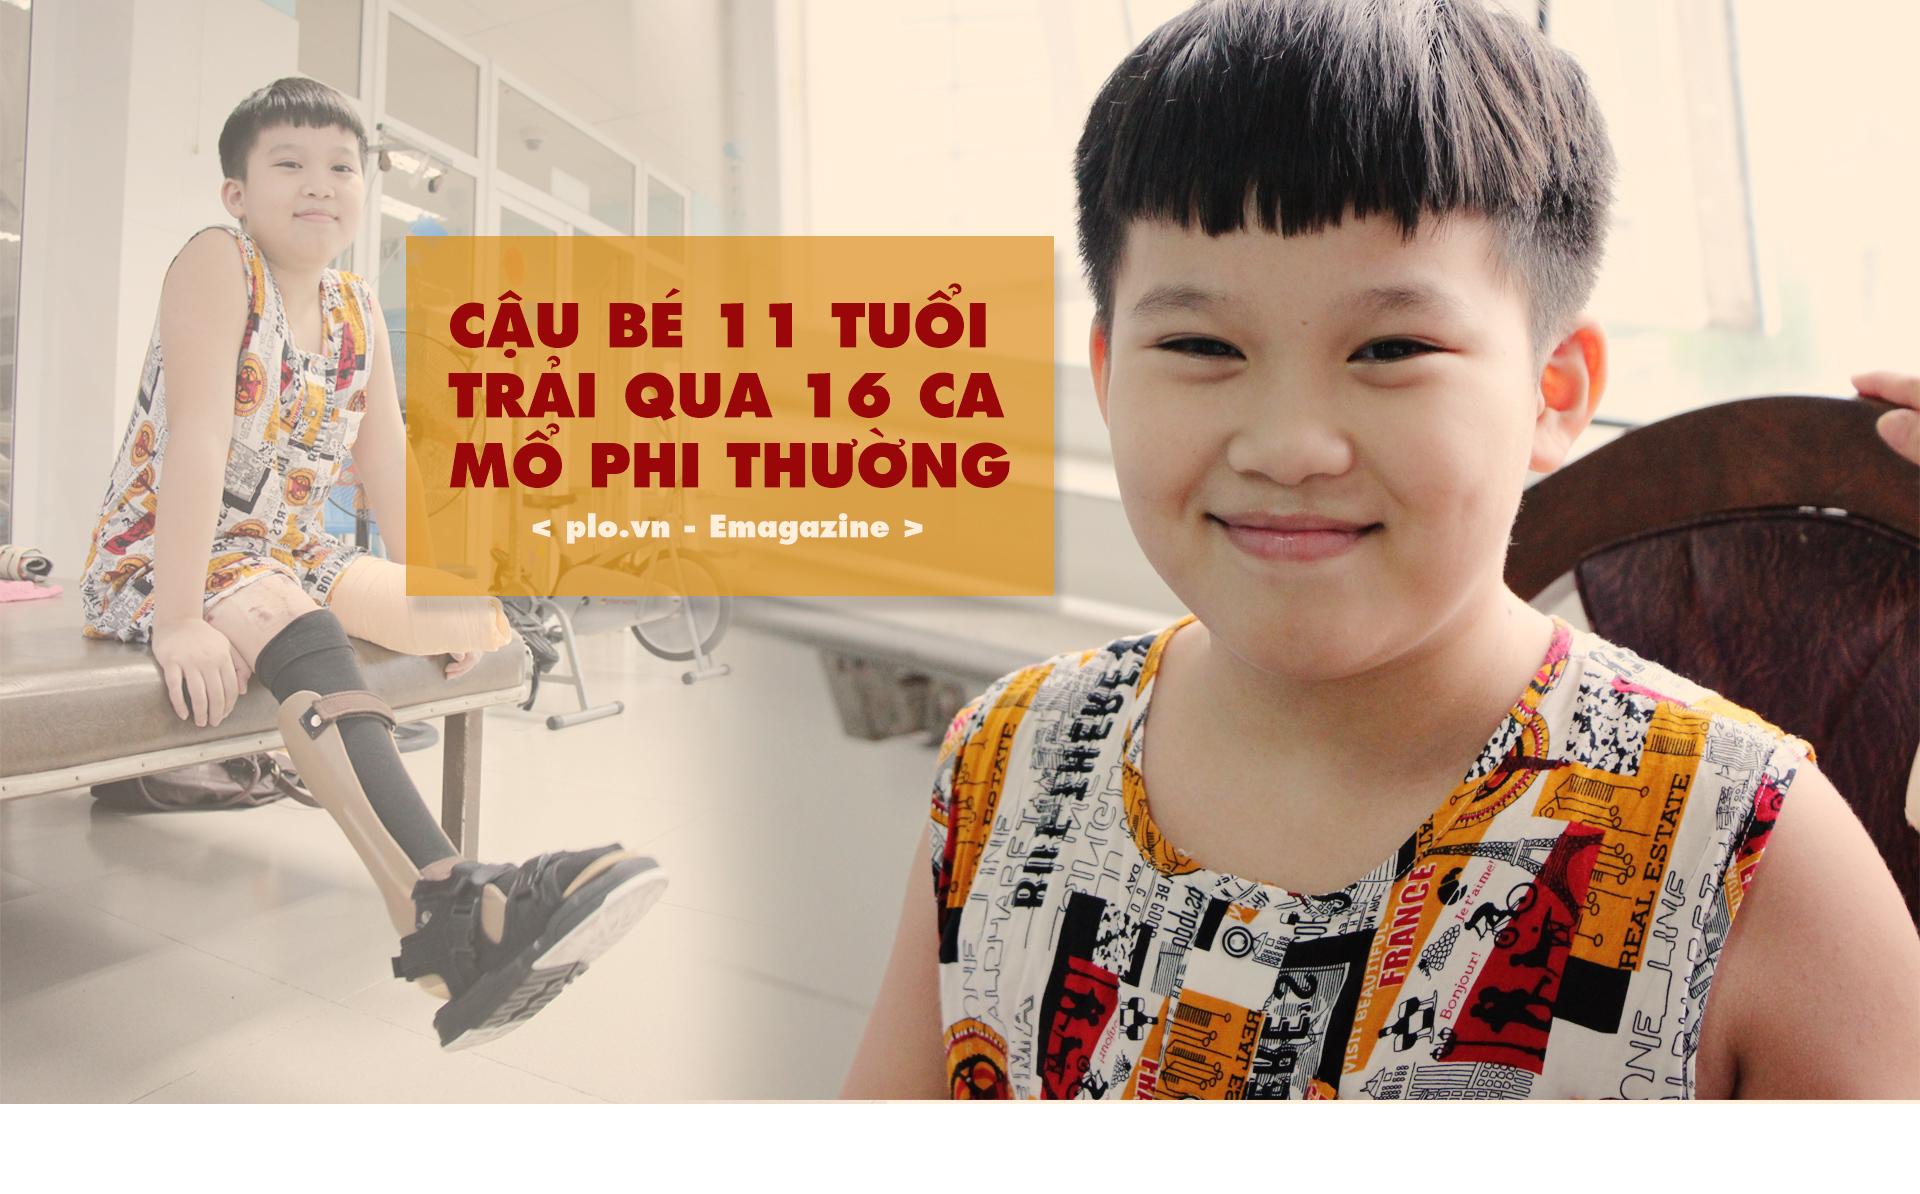 Nghị lực phi thường của Phan Hà Nhật Huy